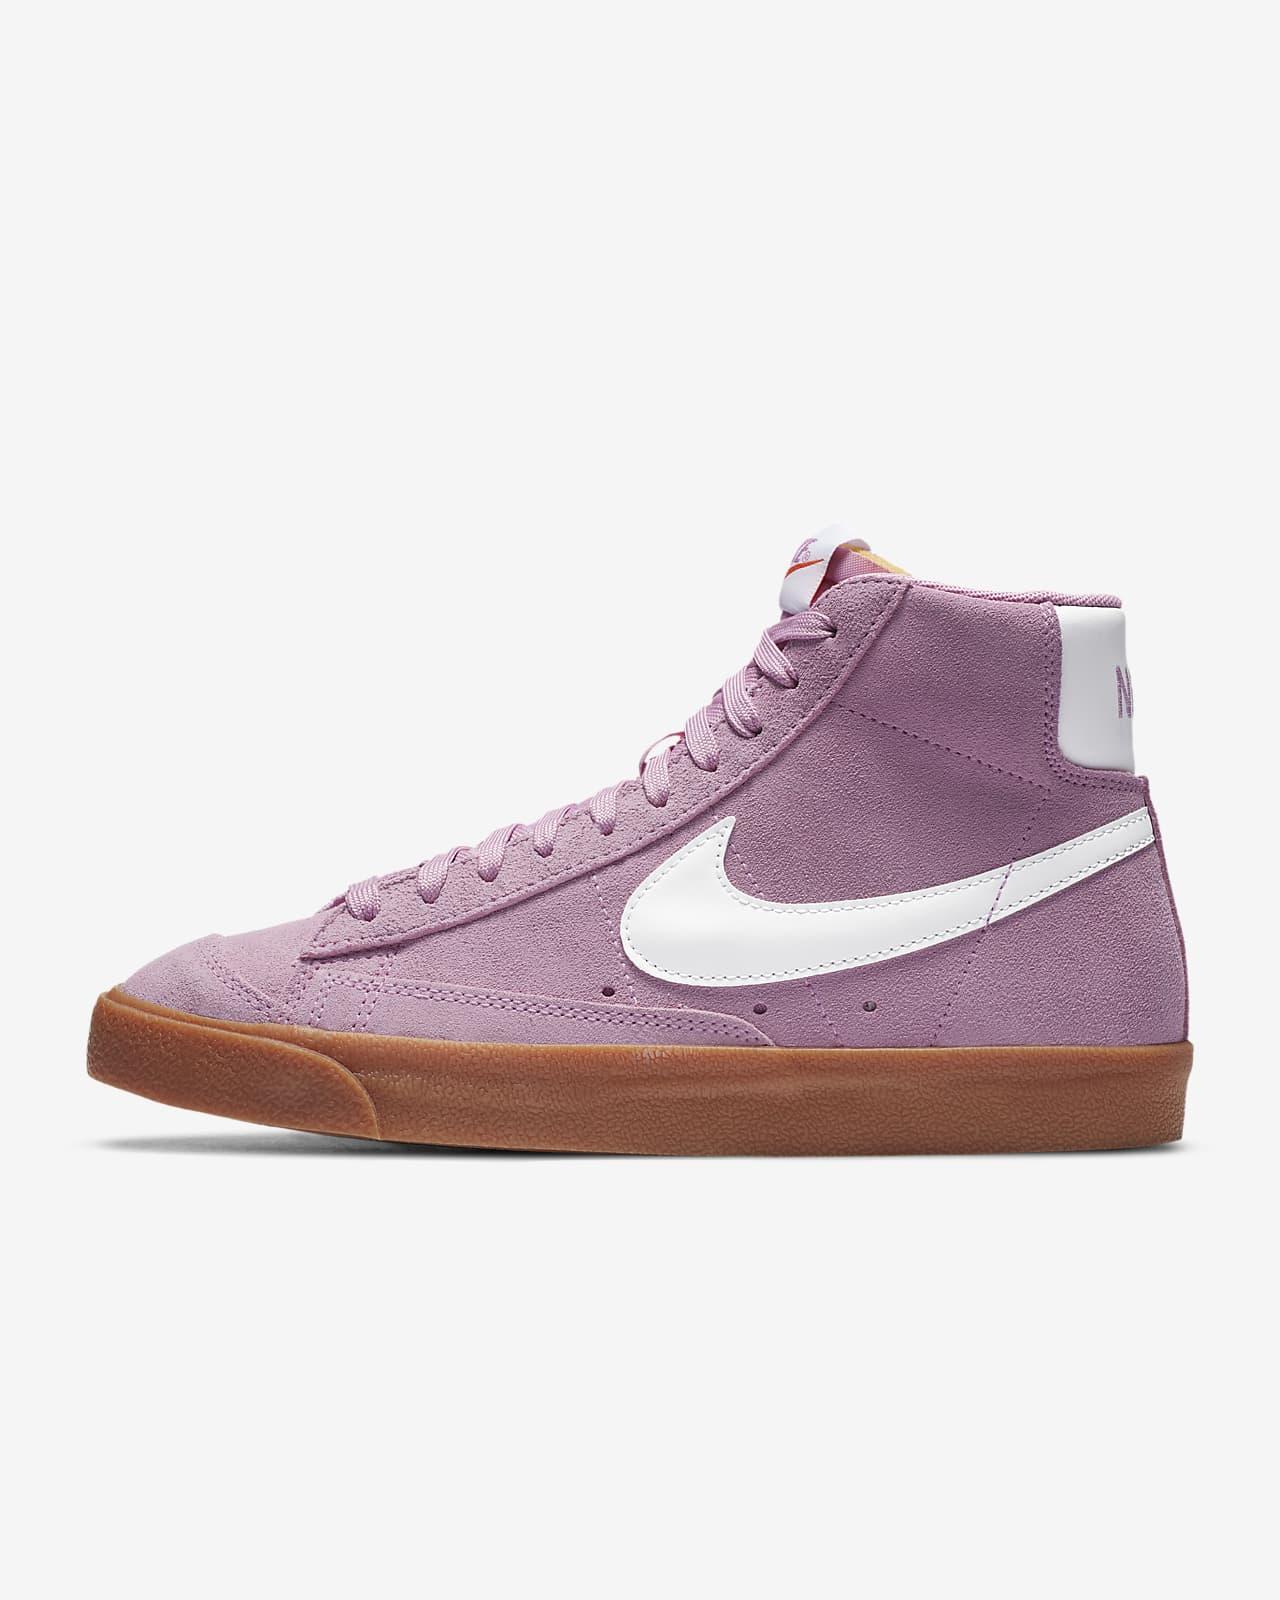 Nike Blazer Mid '77 Suede 女子运动鞋